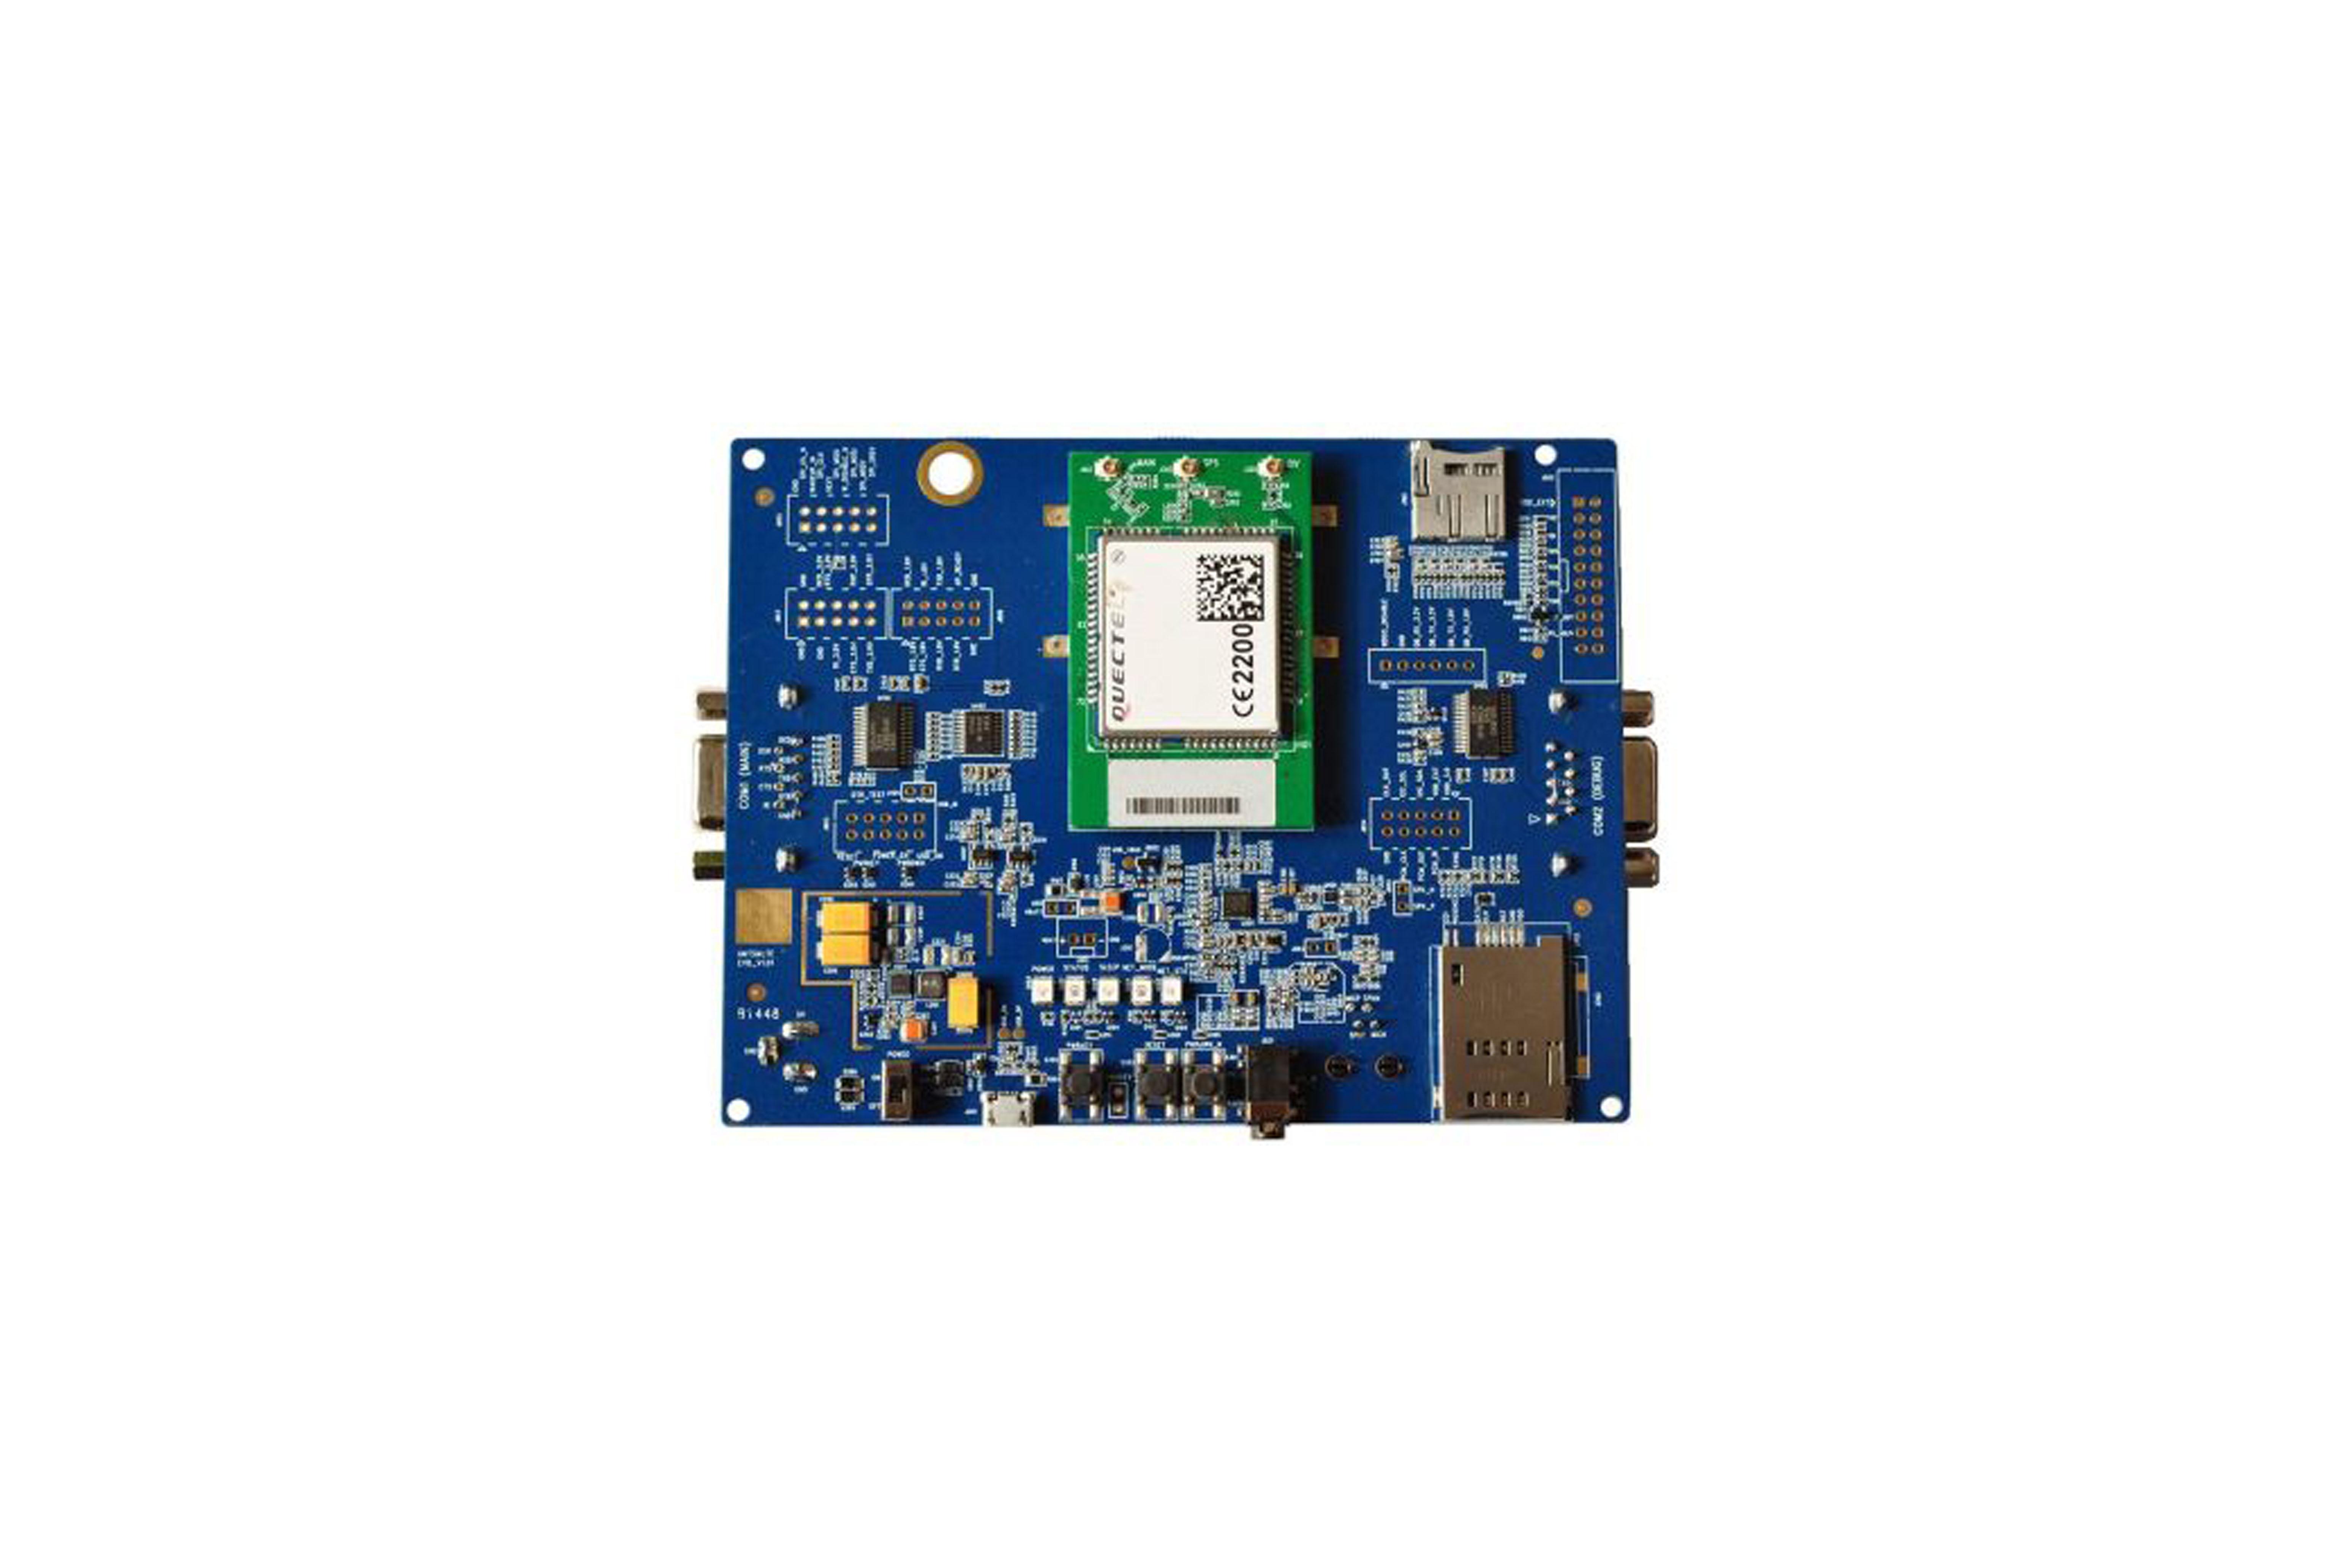 Kit de dév. EC20, comprend le module EC20